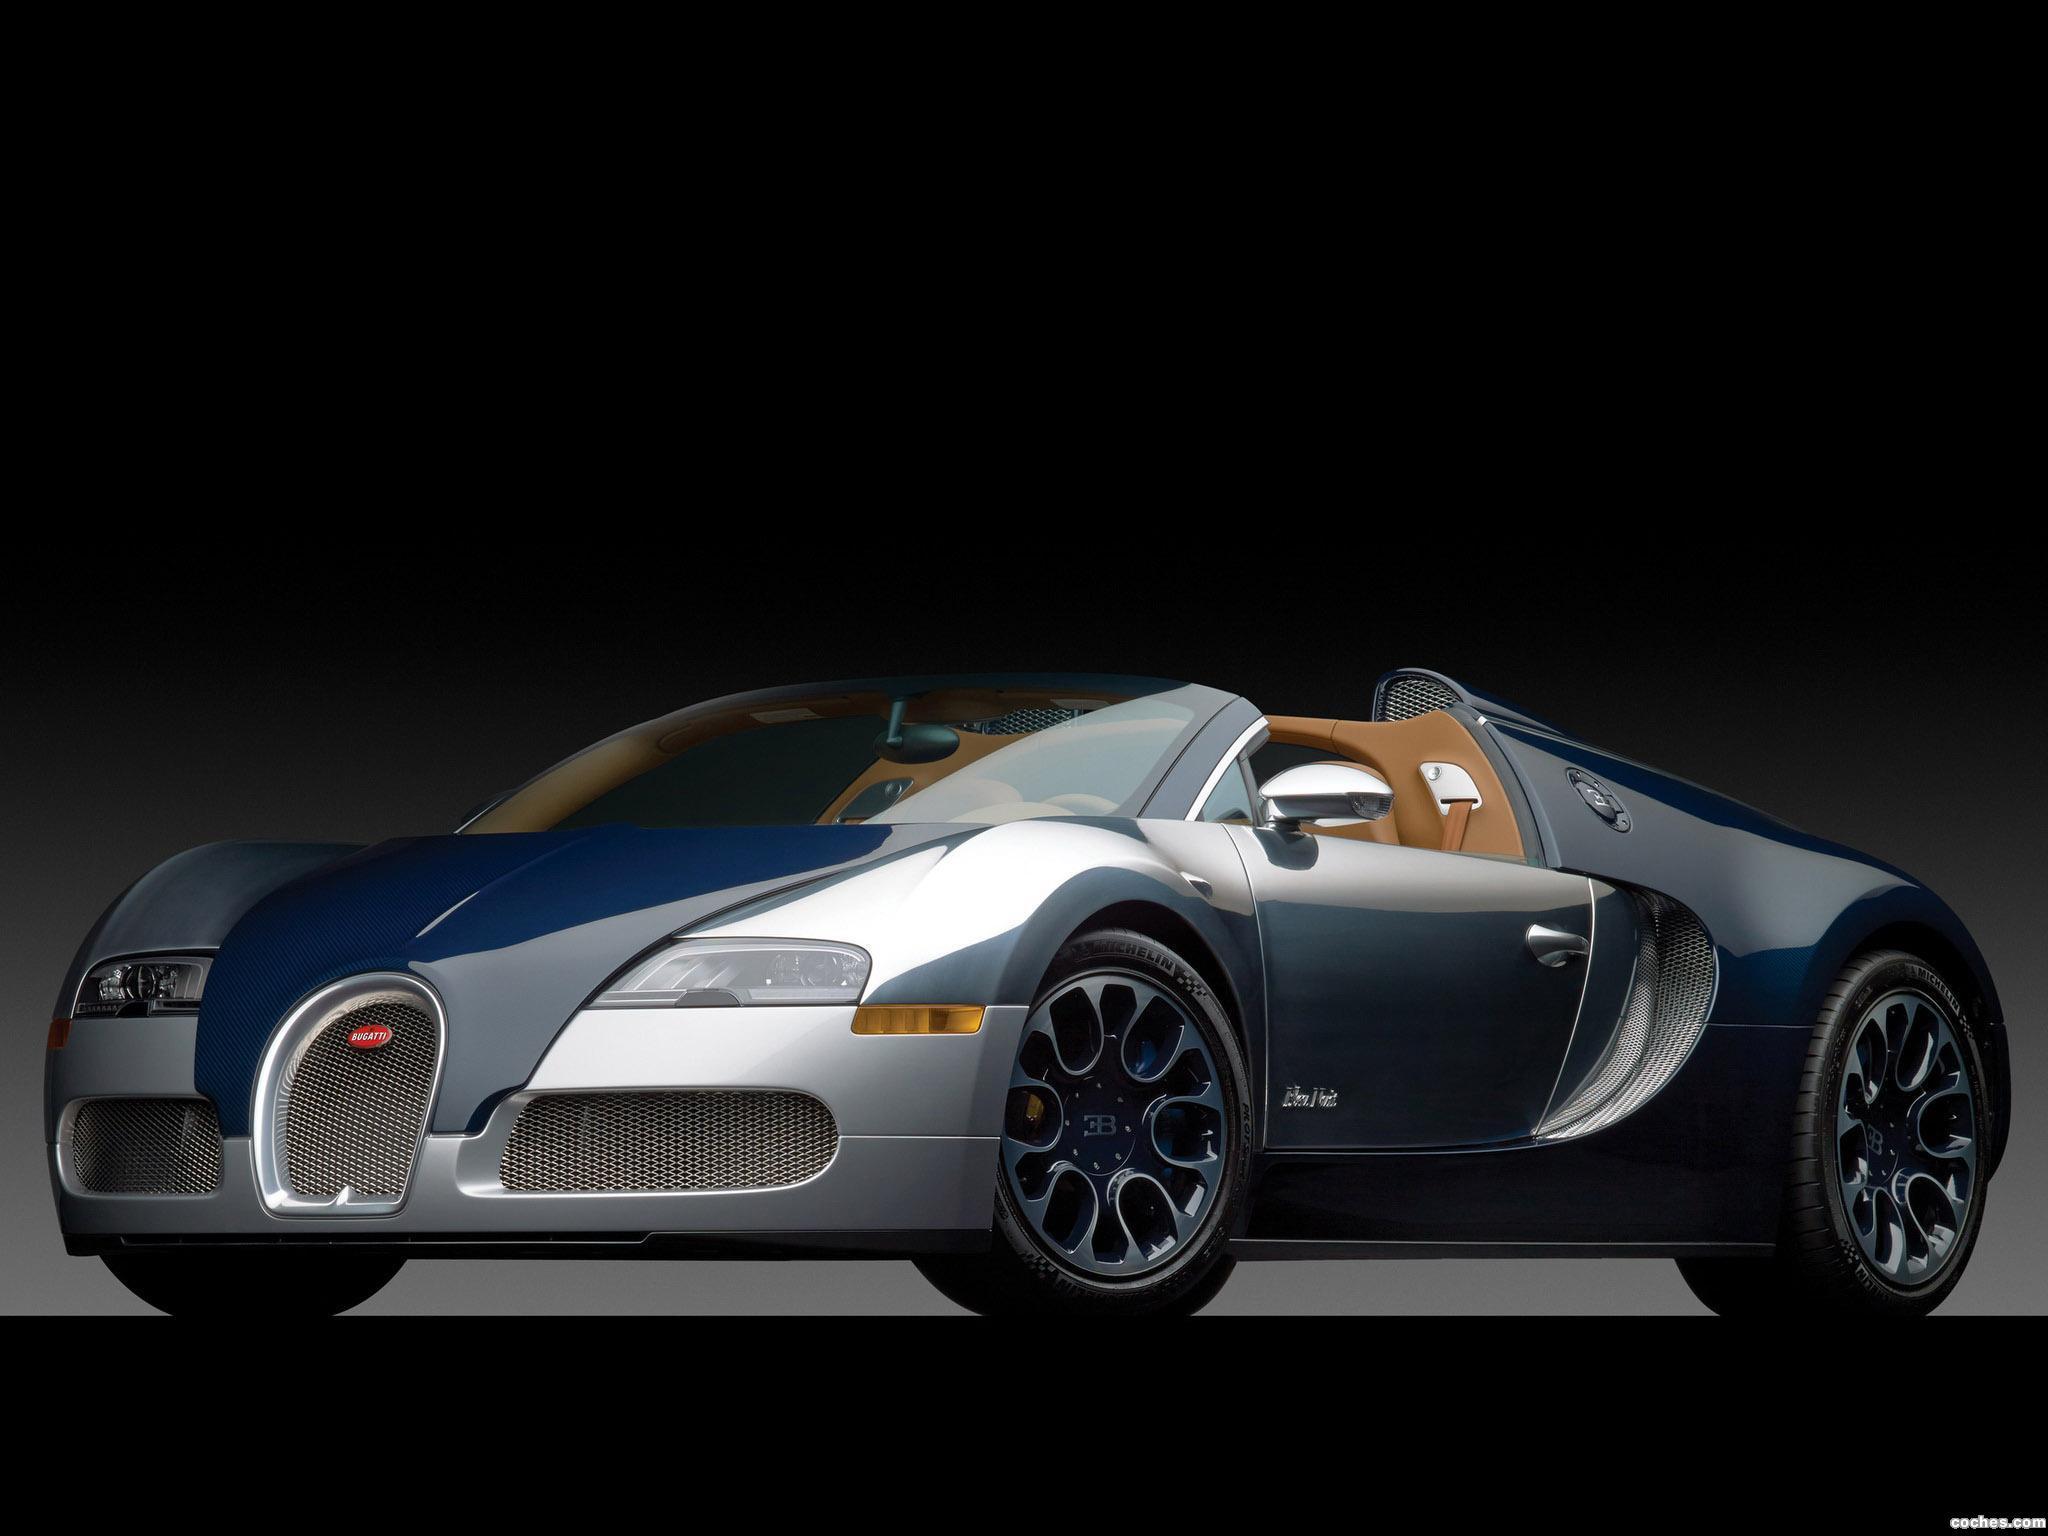 Foto 1 de Bugatti Veyron 16.4 Grand Sport Bleu Nuit 2011